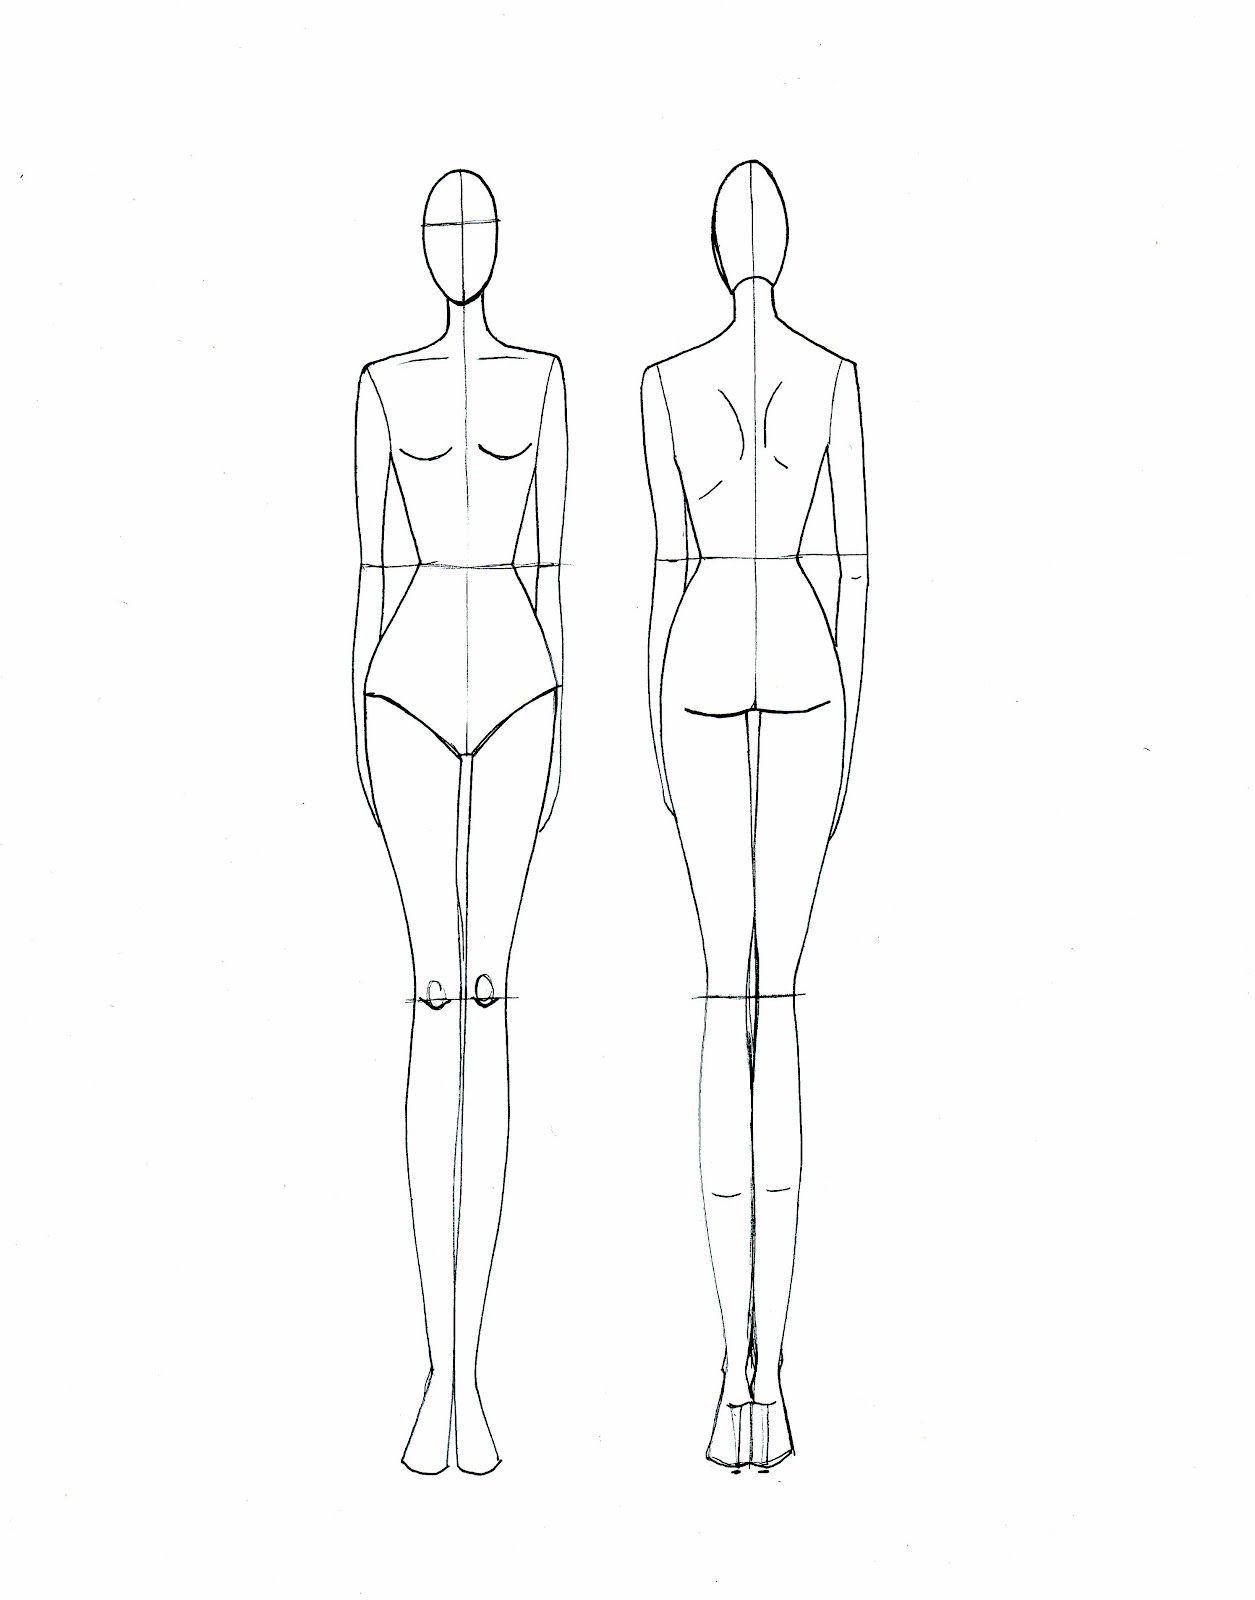 d600b1853b0 шаблоны для рисования эскизов одежды  14 тыс изображений найдено в  Яндекс.Картинках